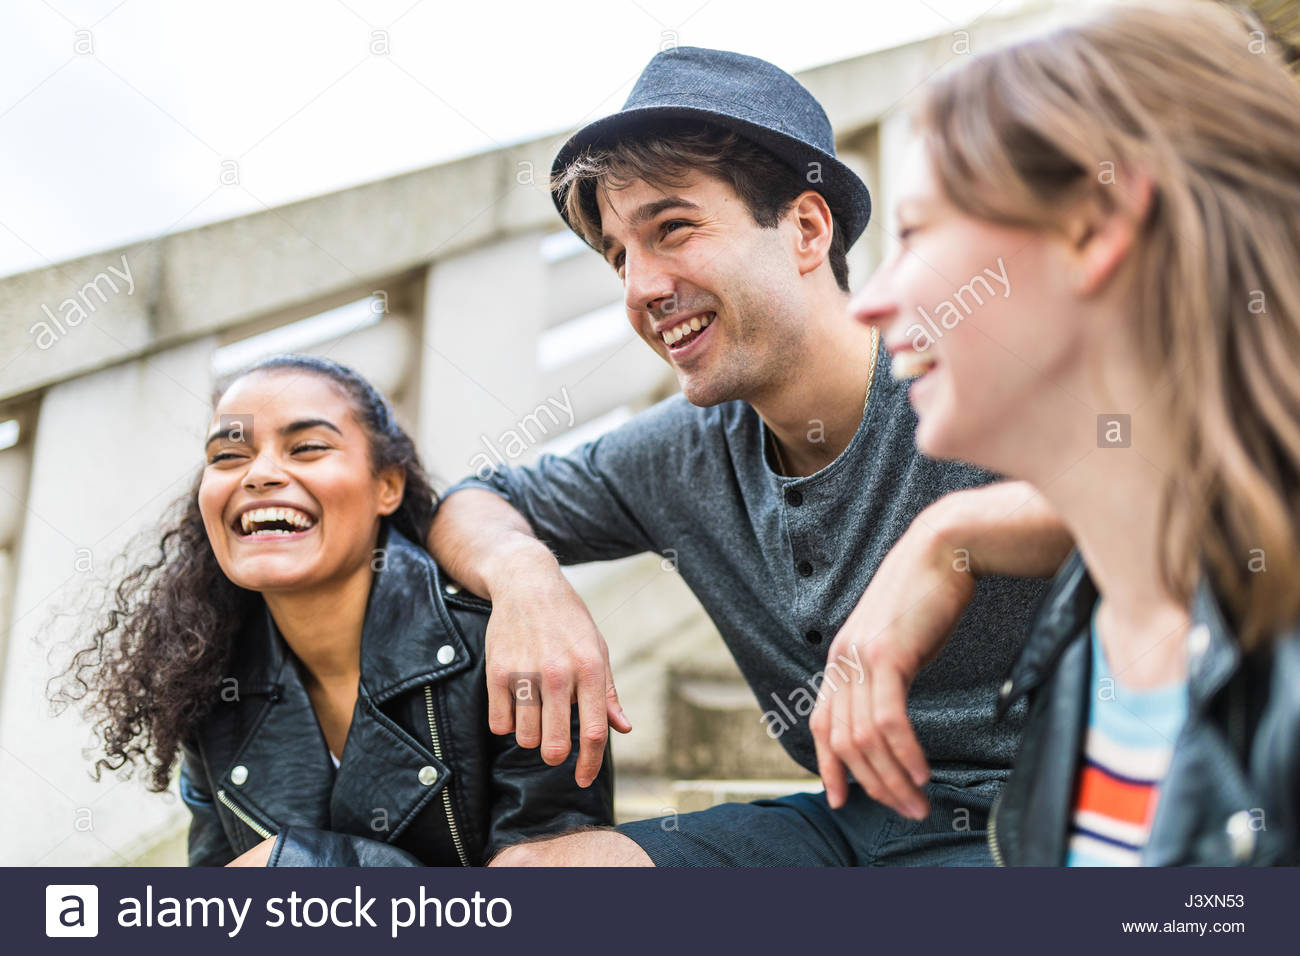 Drei junge erwachsene Freunde auf eine Treppe in Battersea Park chatten Stockbild